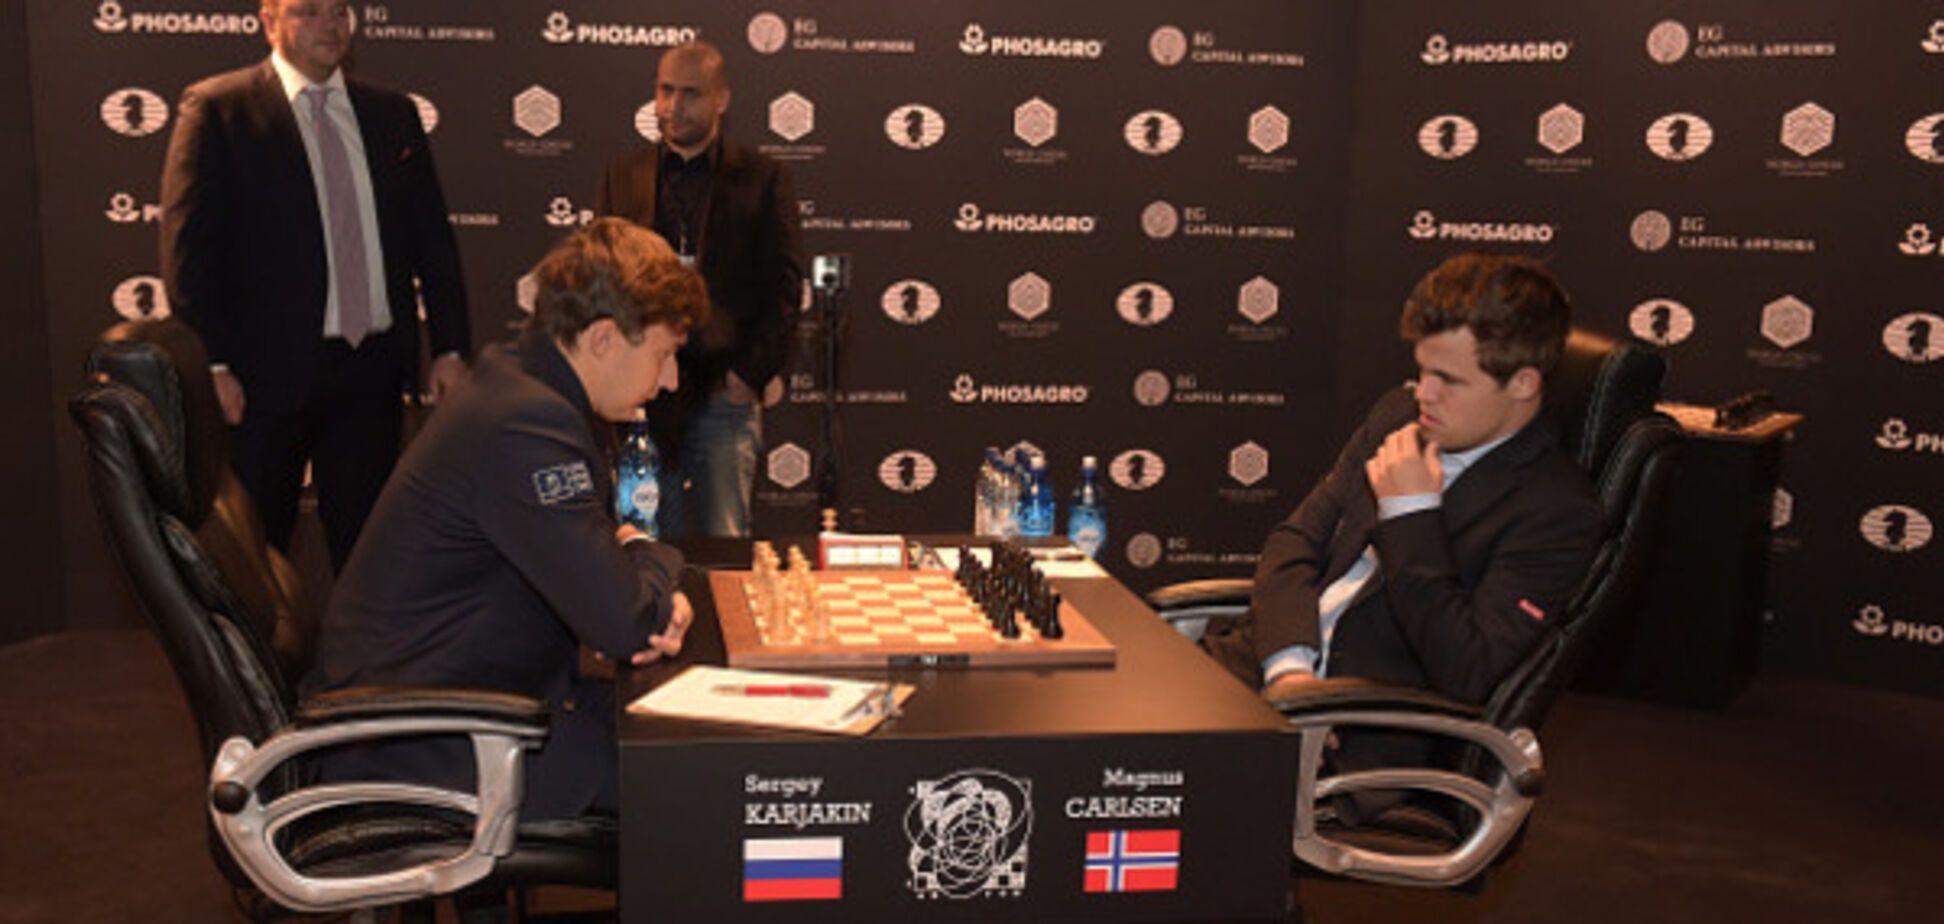 Чемпіонат світу з шахів